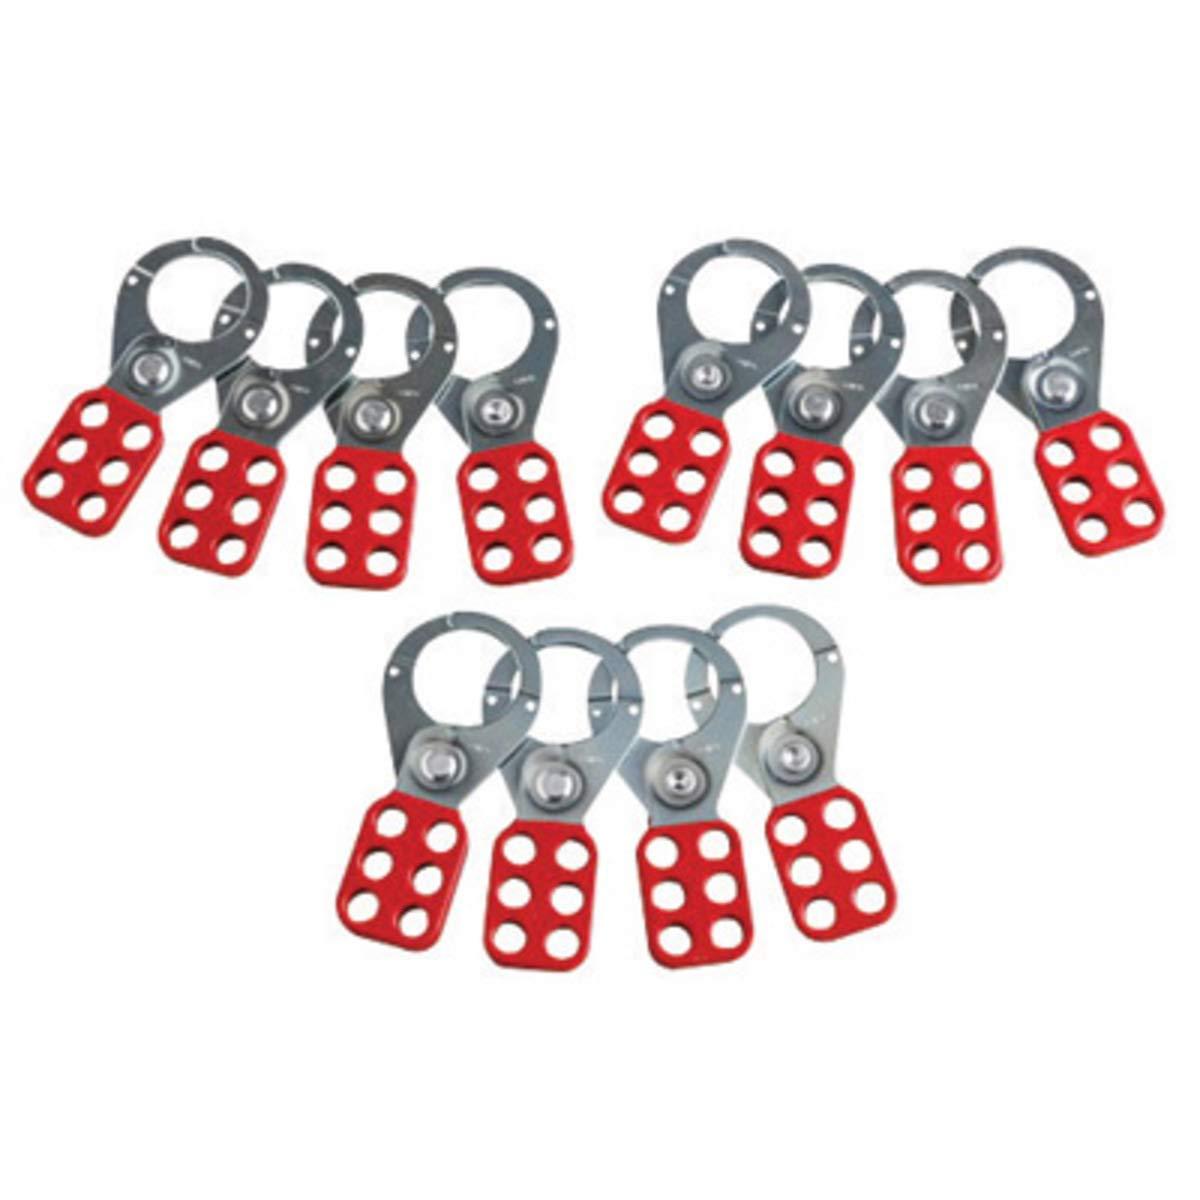 Brady Red Steel Lockout Hasp (12 ea)